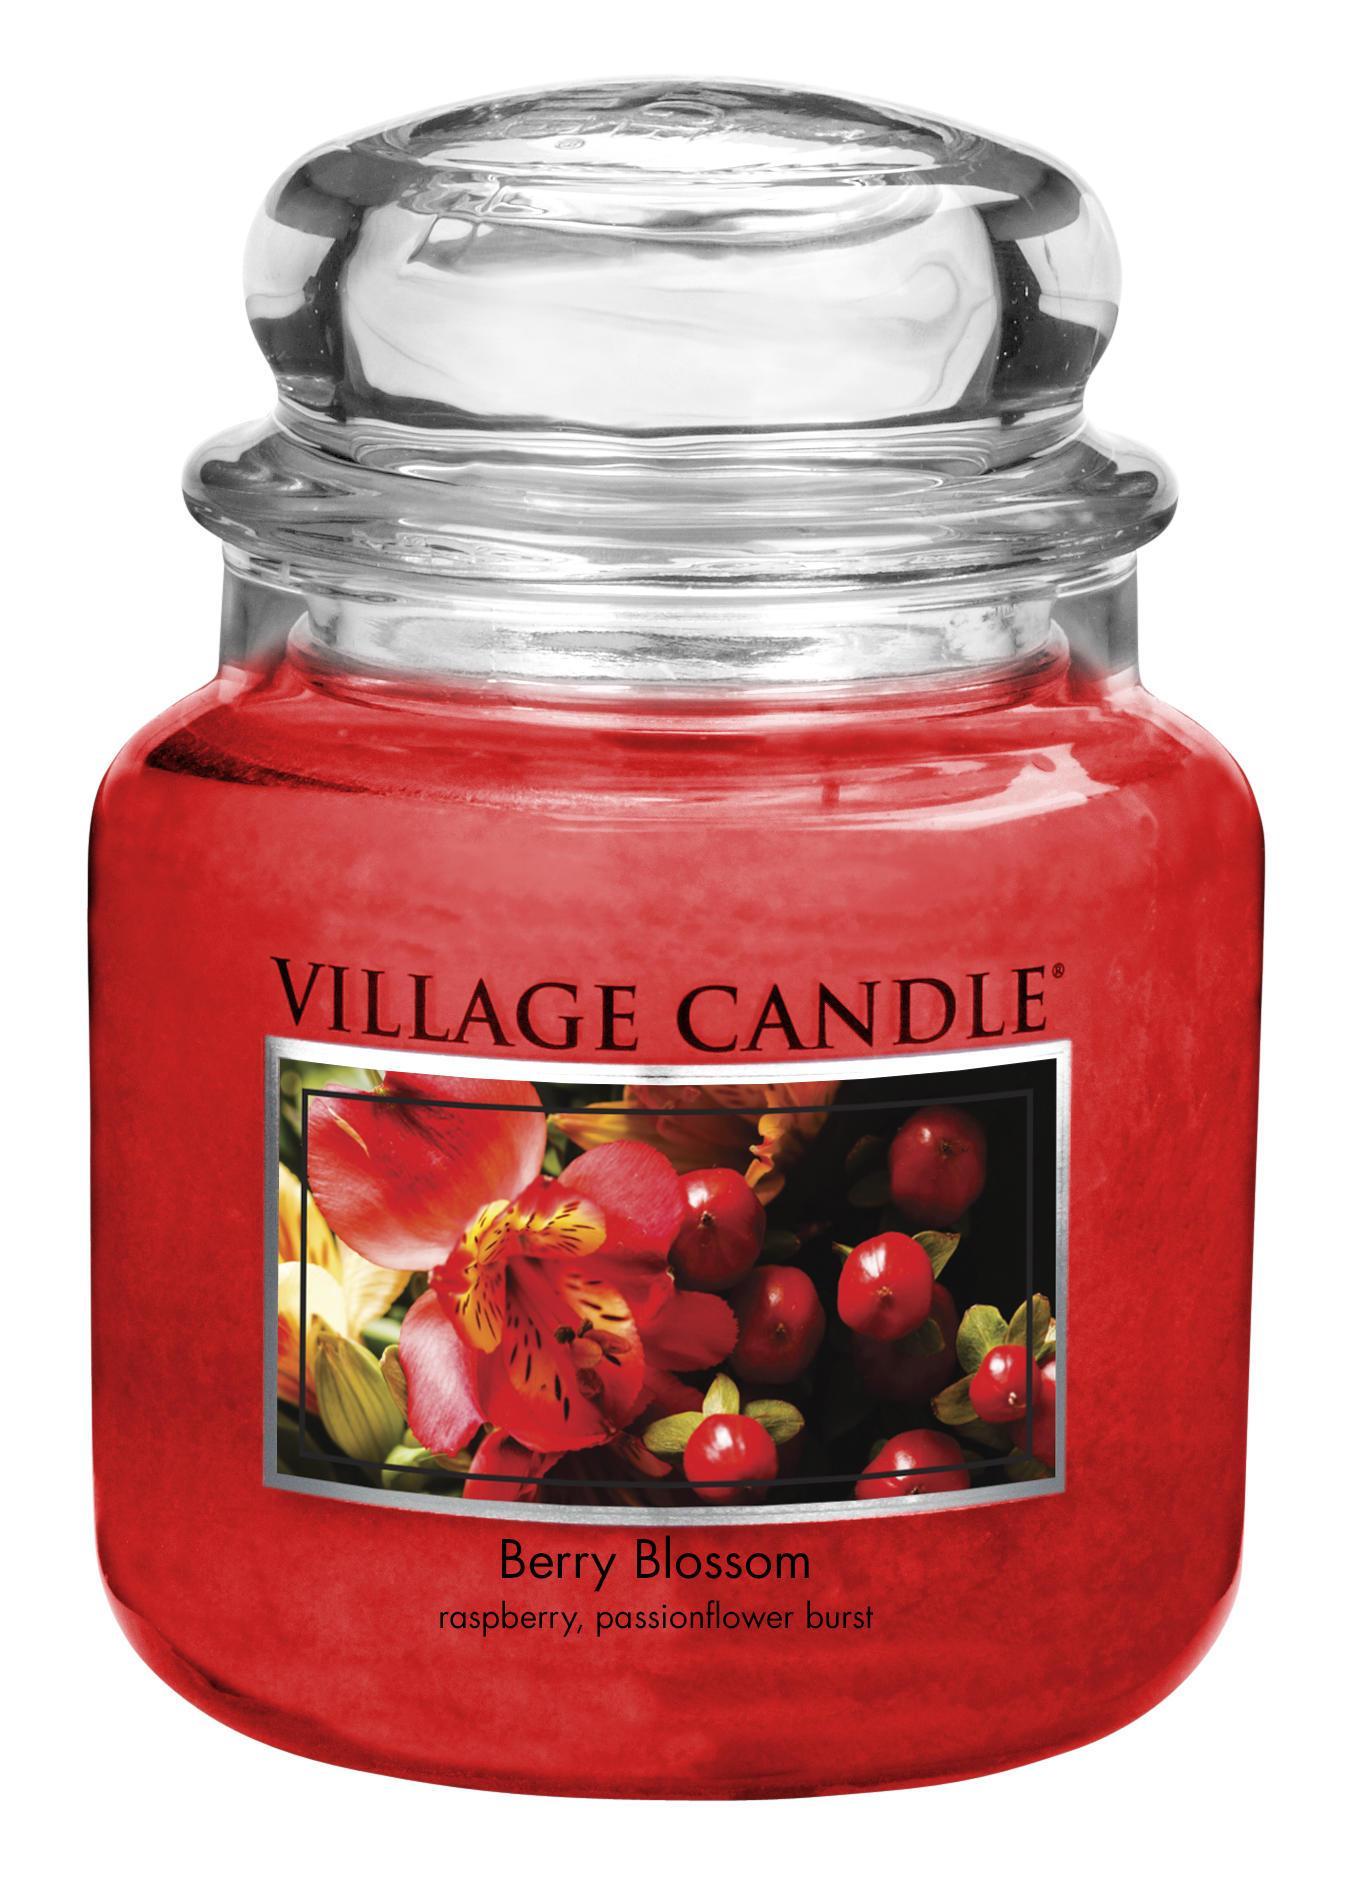 VILLAGE CANDLE Svíčka ve skle Berry Blossom - střední, červená barva, sklo, vosk